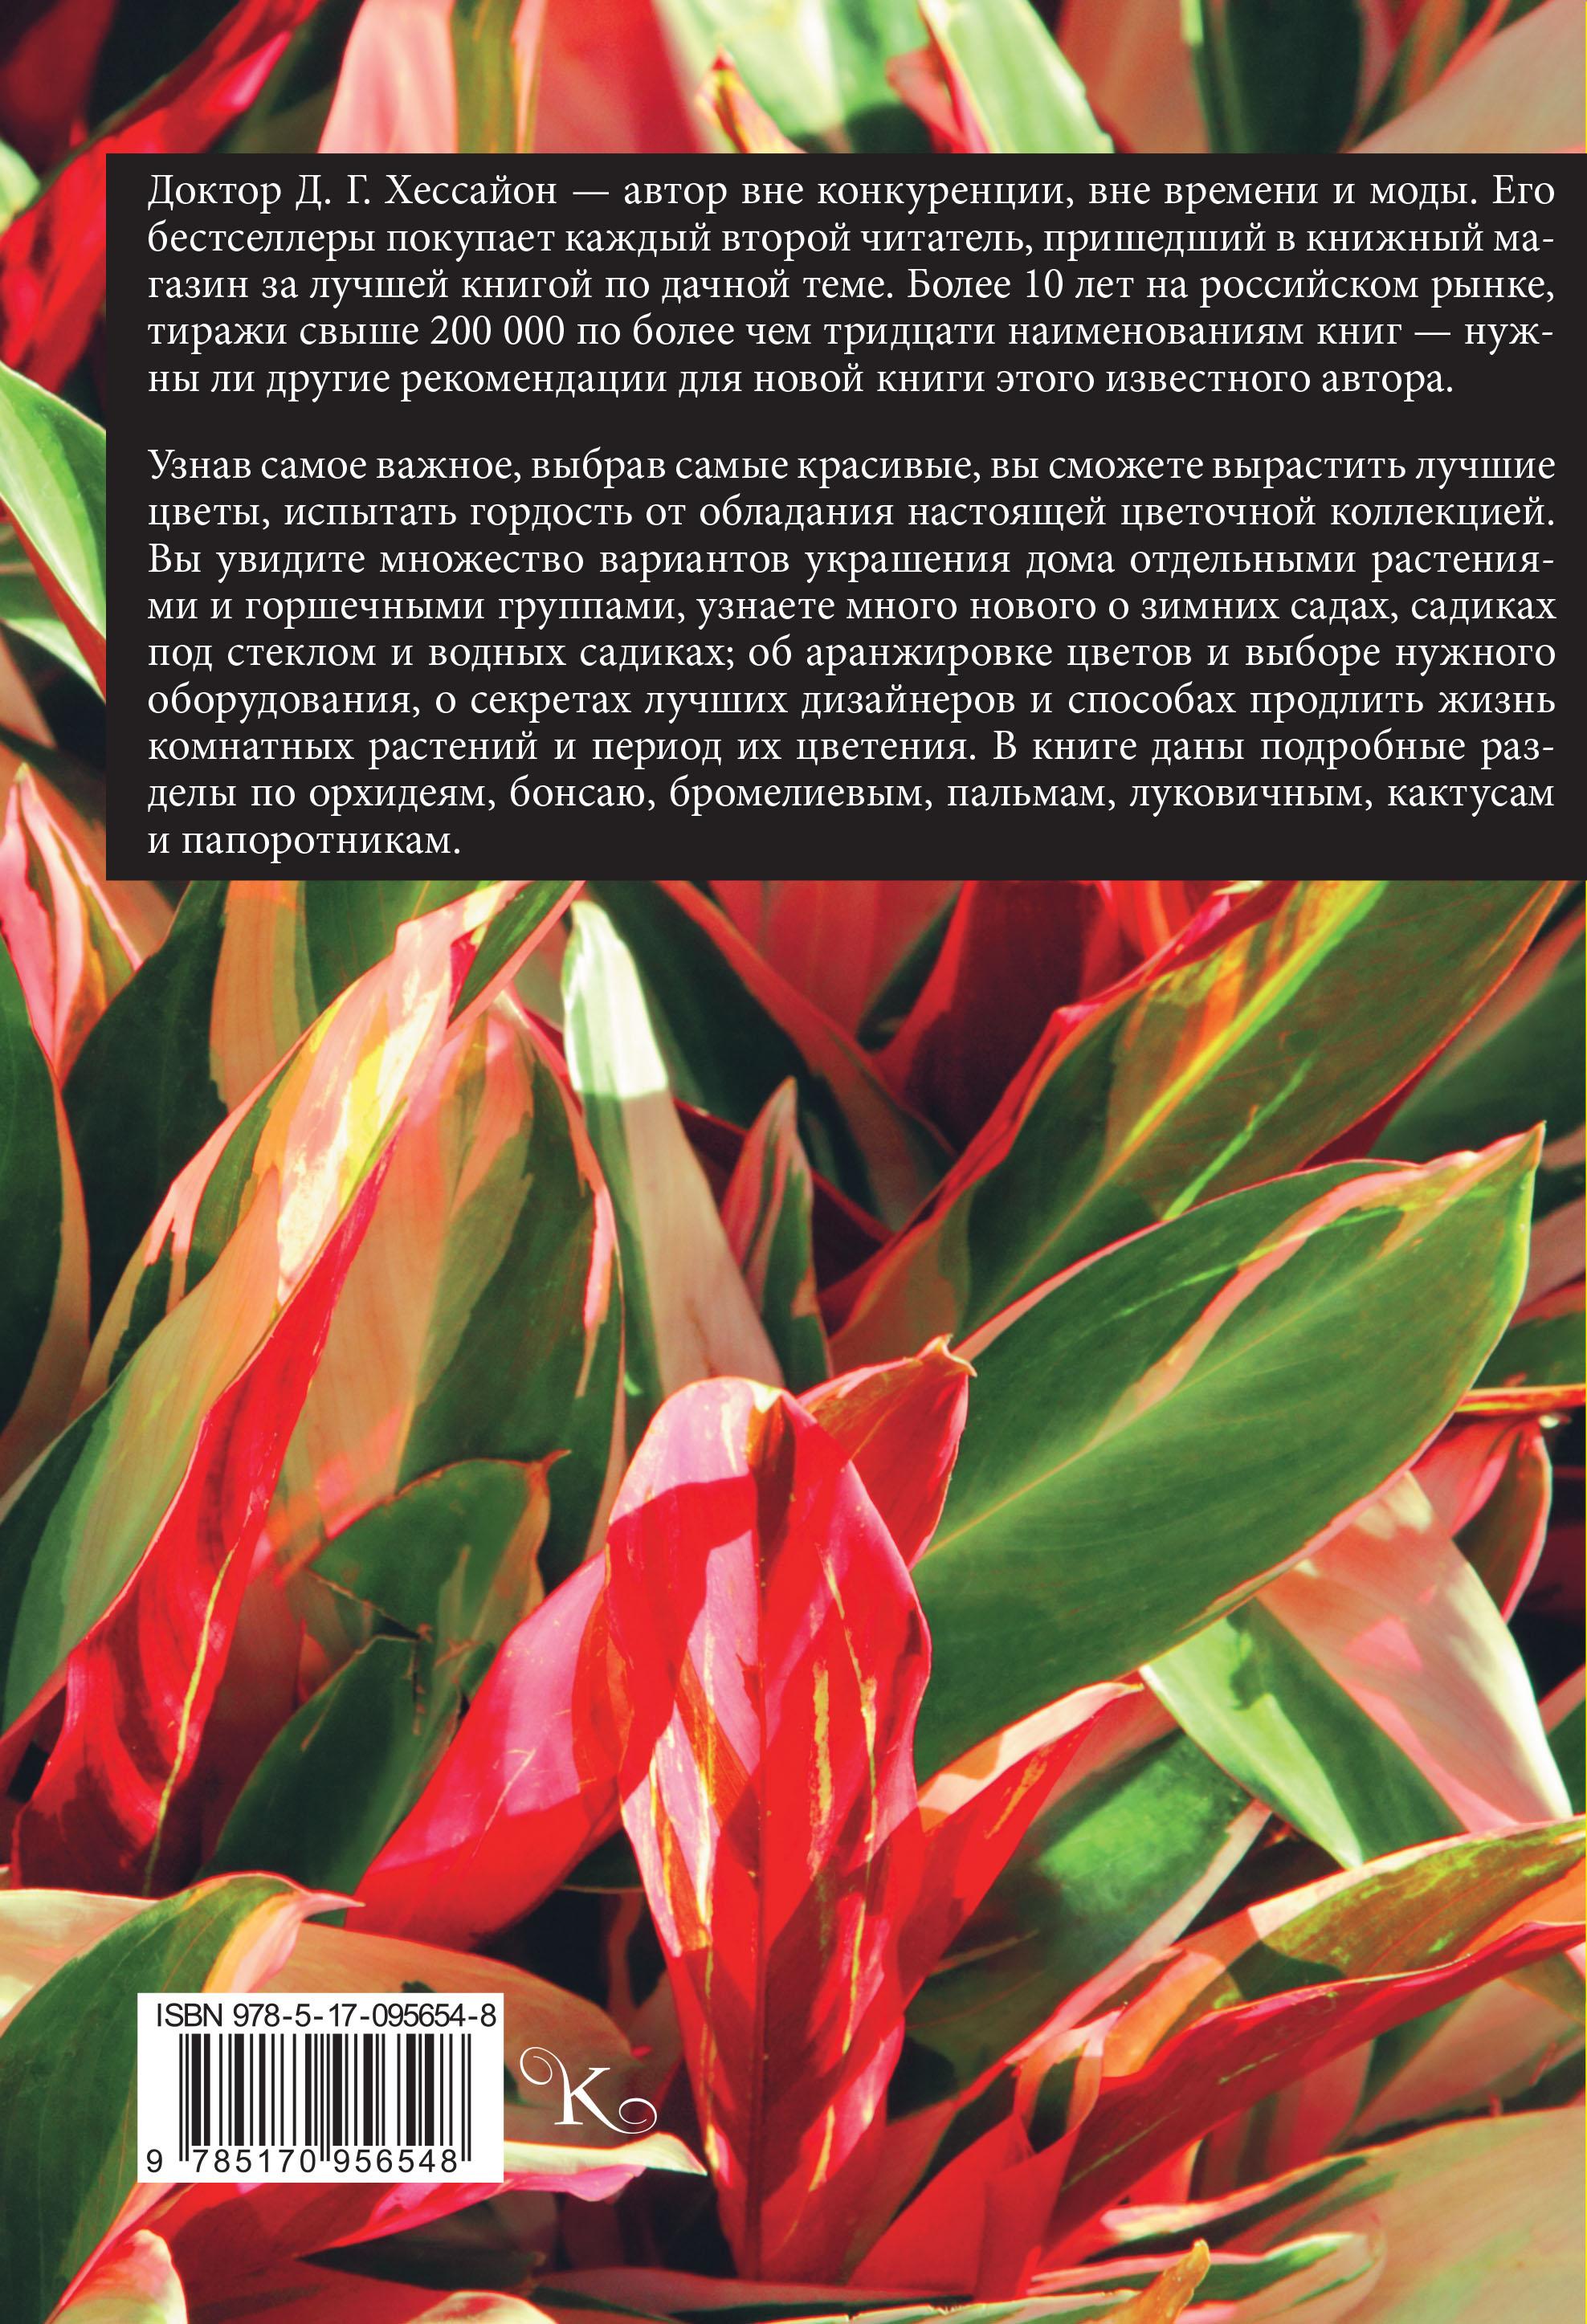 Д. Г. Хессайон. Все о комнатных растениях. Сорта. Уход. Дизайн 0x0